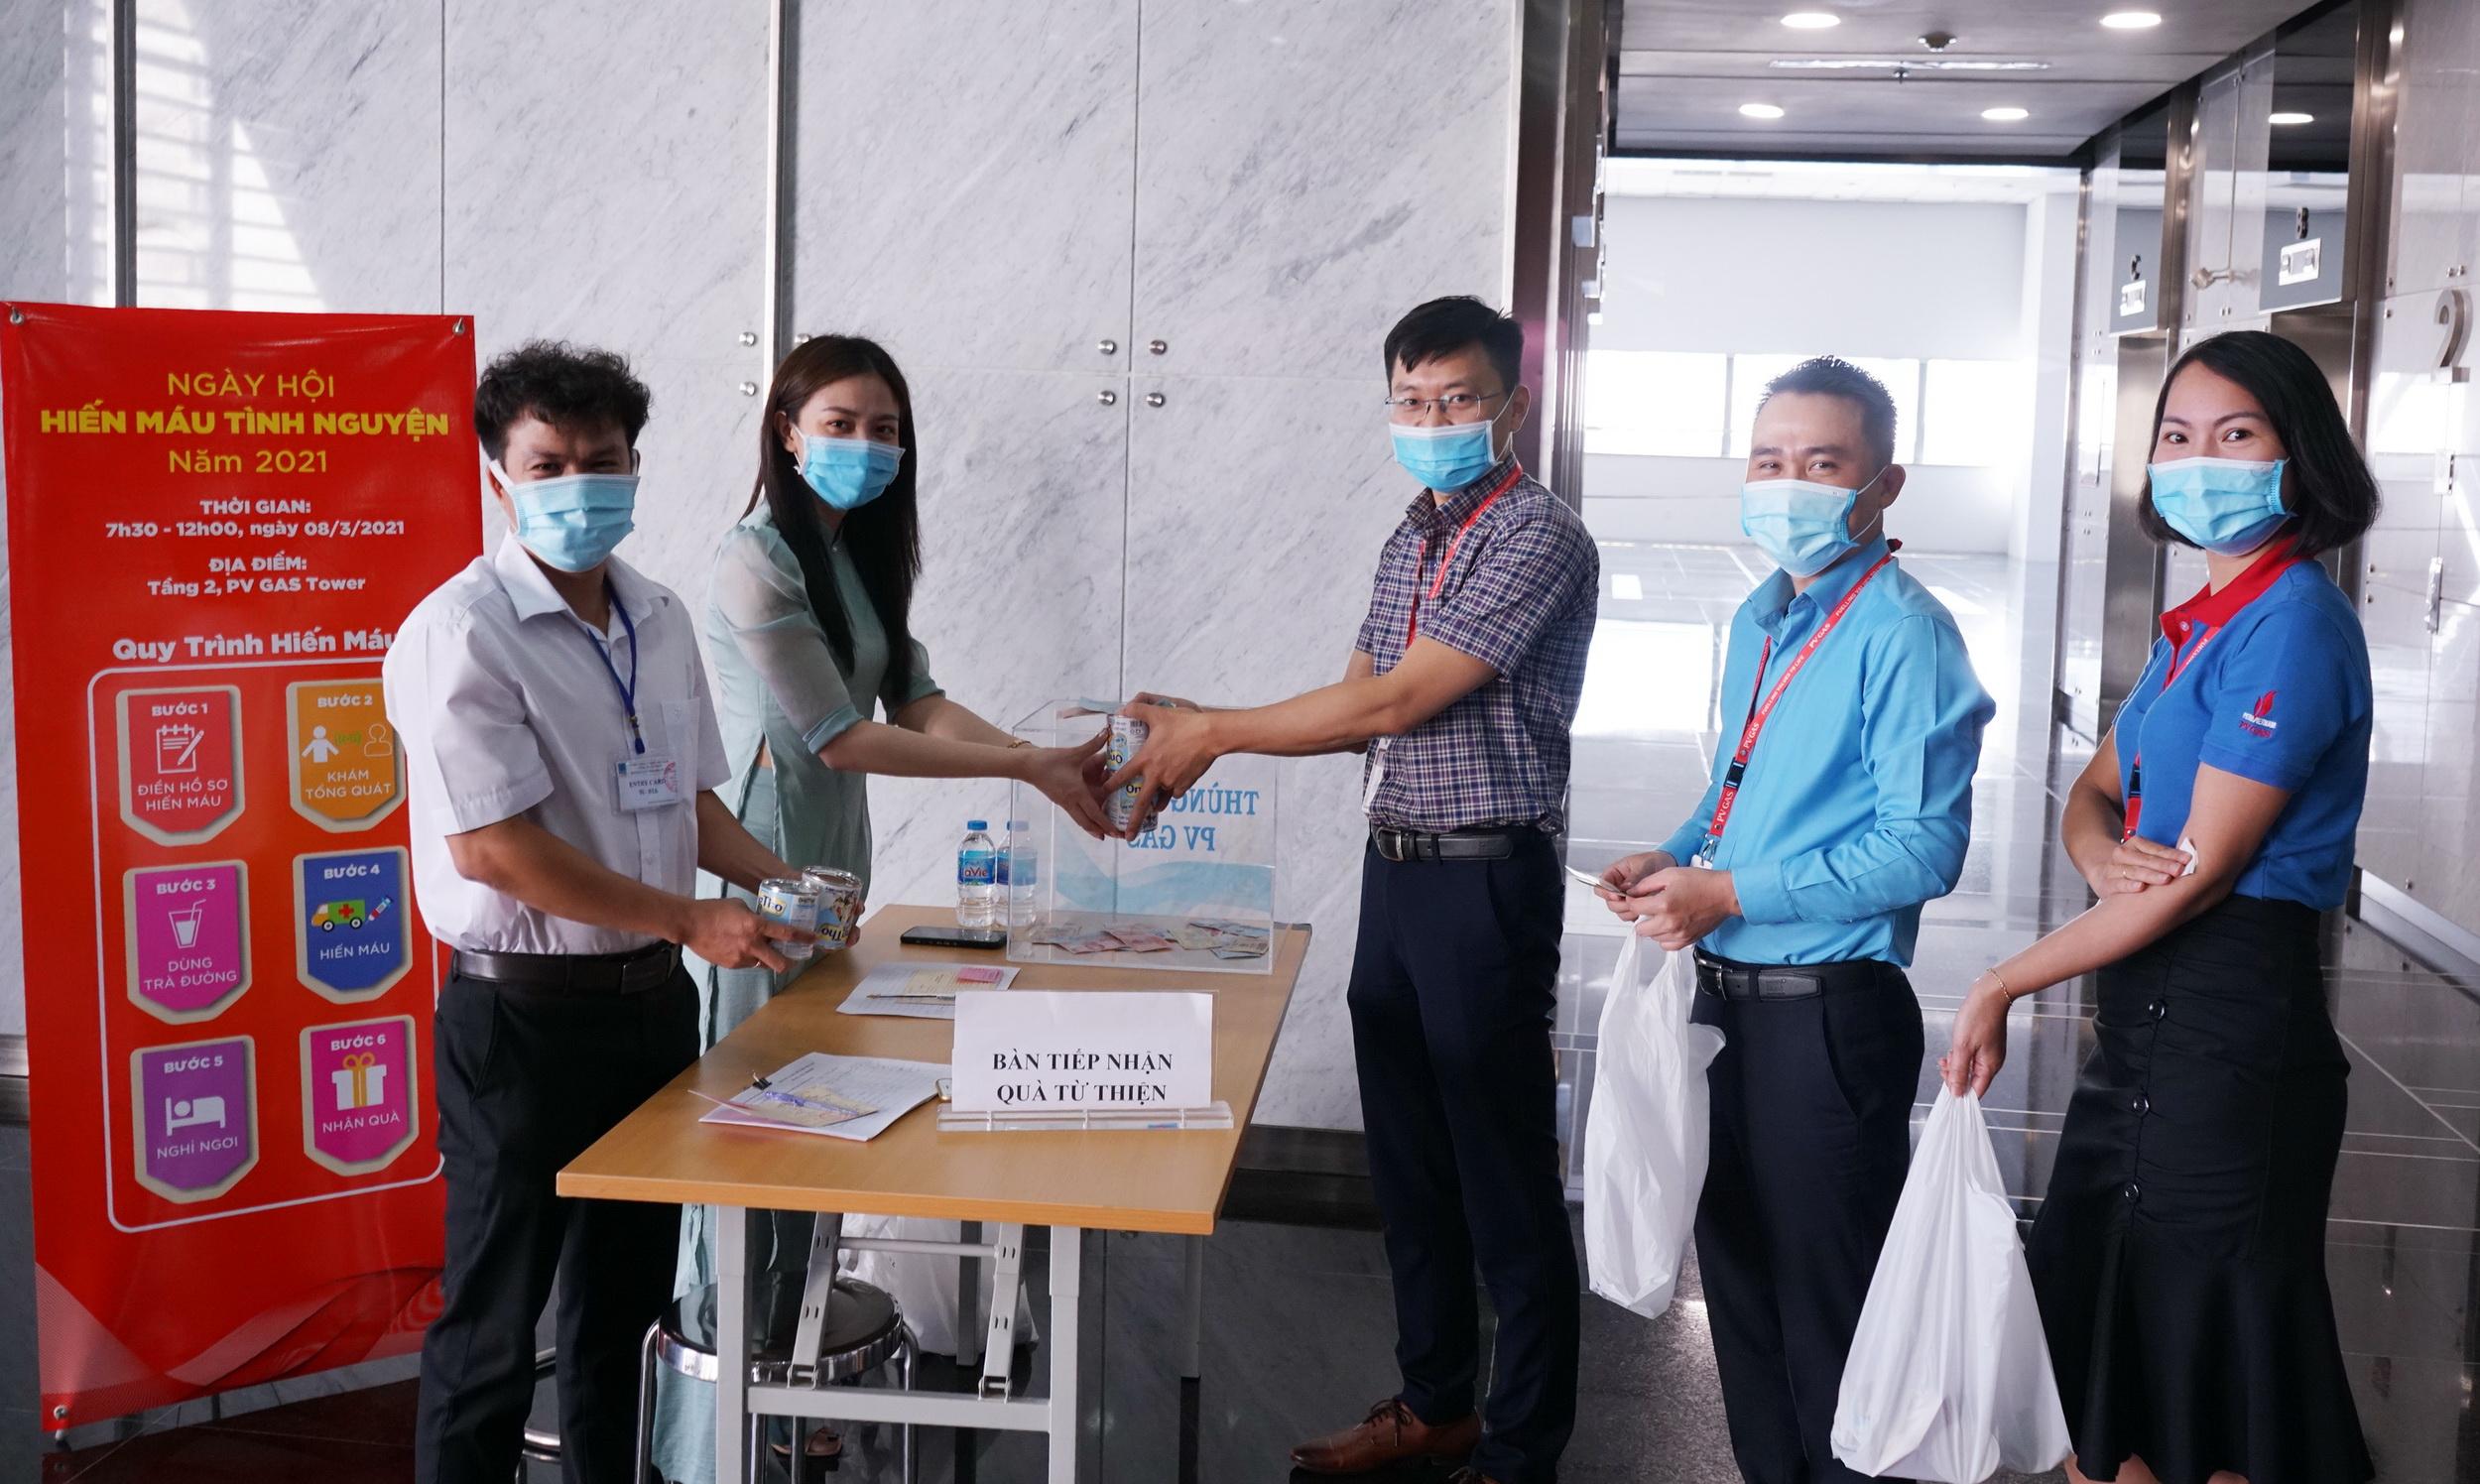 Hầu hết các tình nguyện viên đều trao tặng phần quà và tiền hỗ trợ hiến máu cho chương trình từ thiện